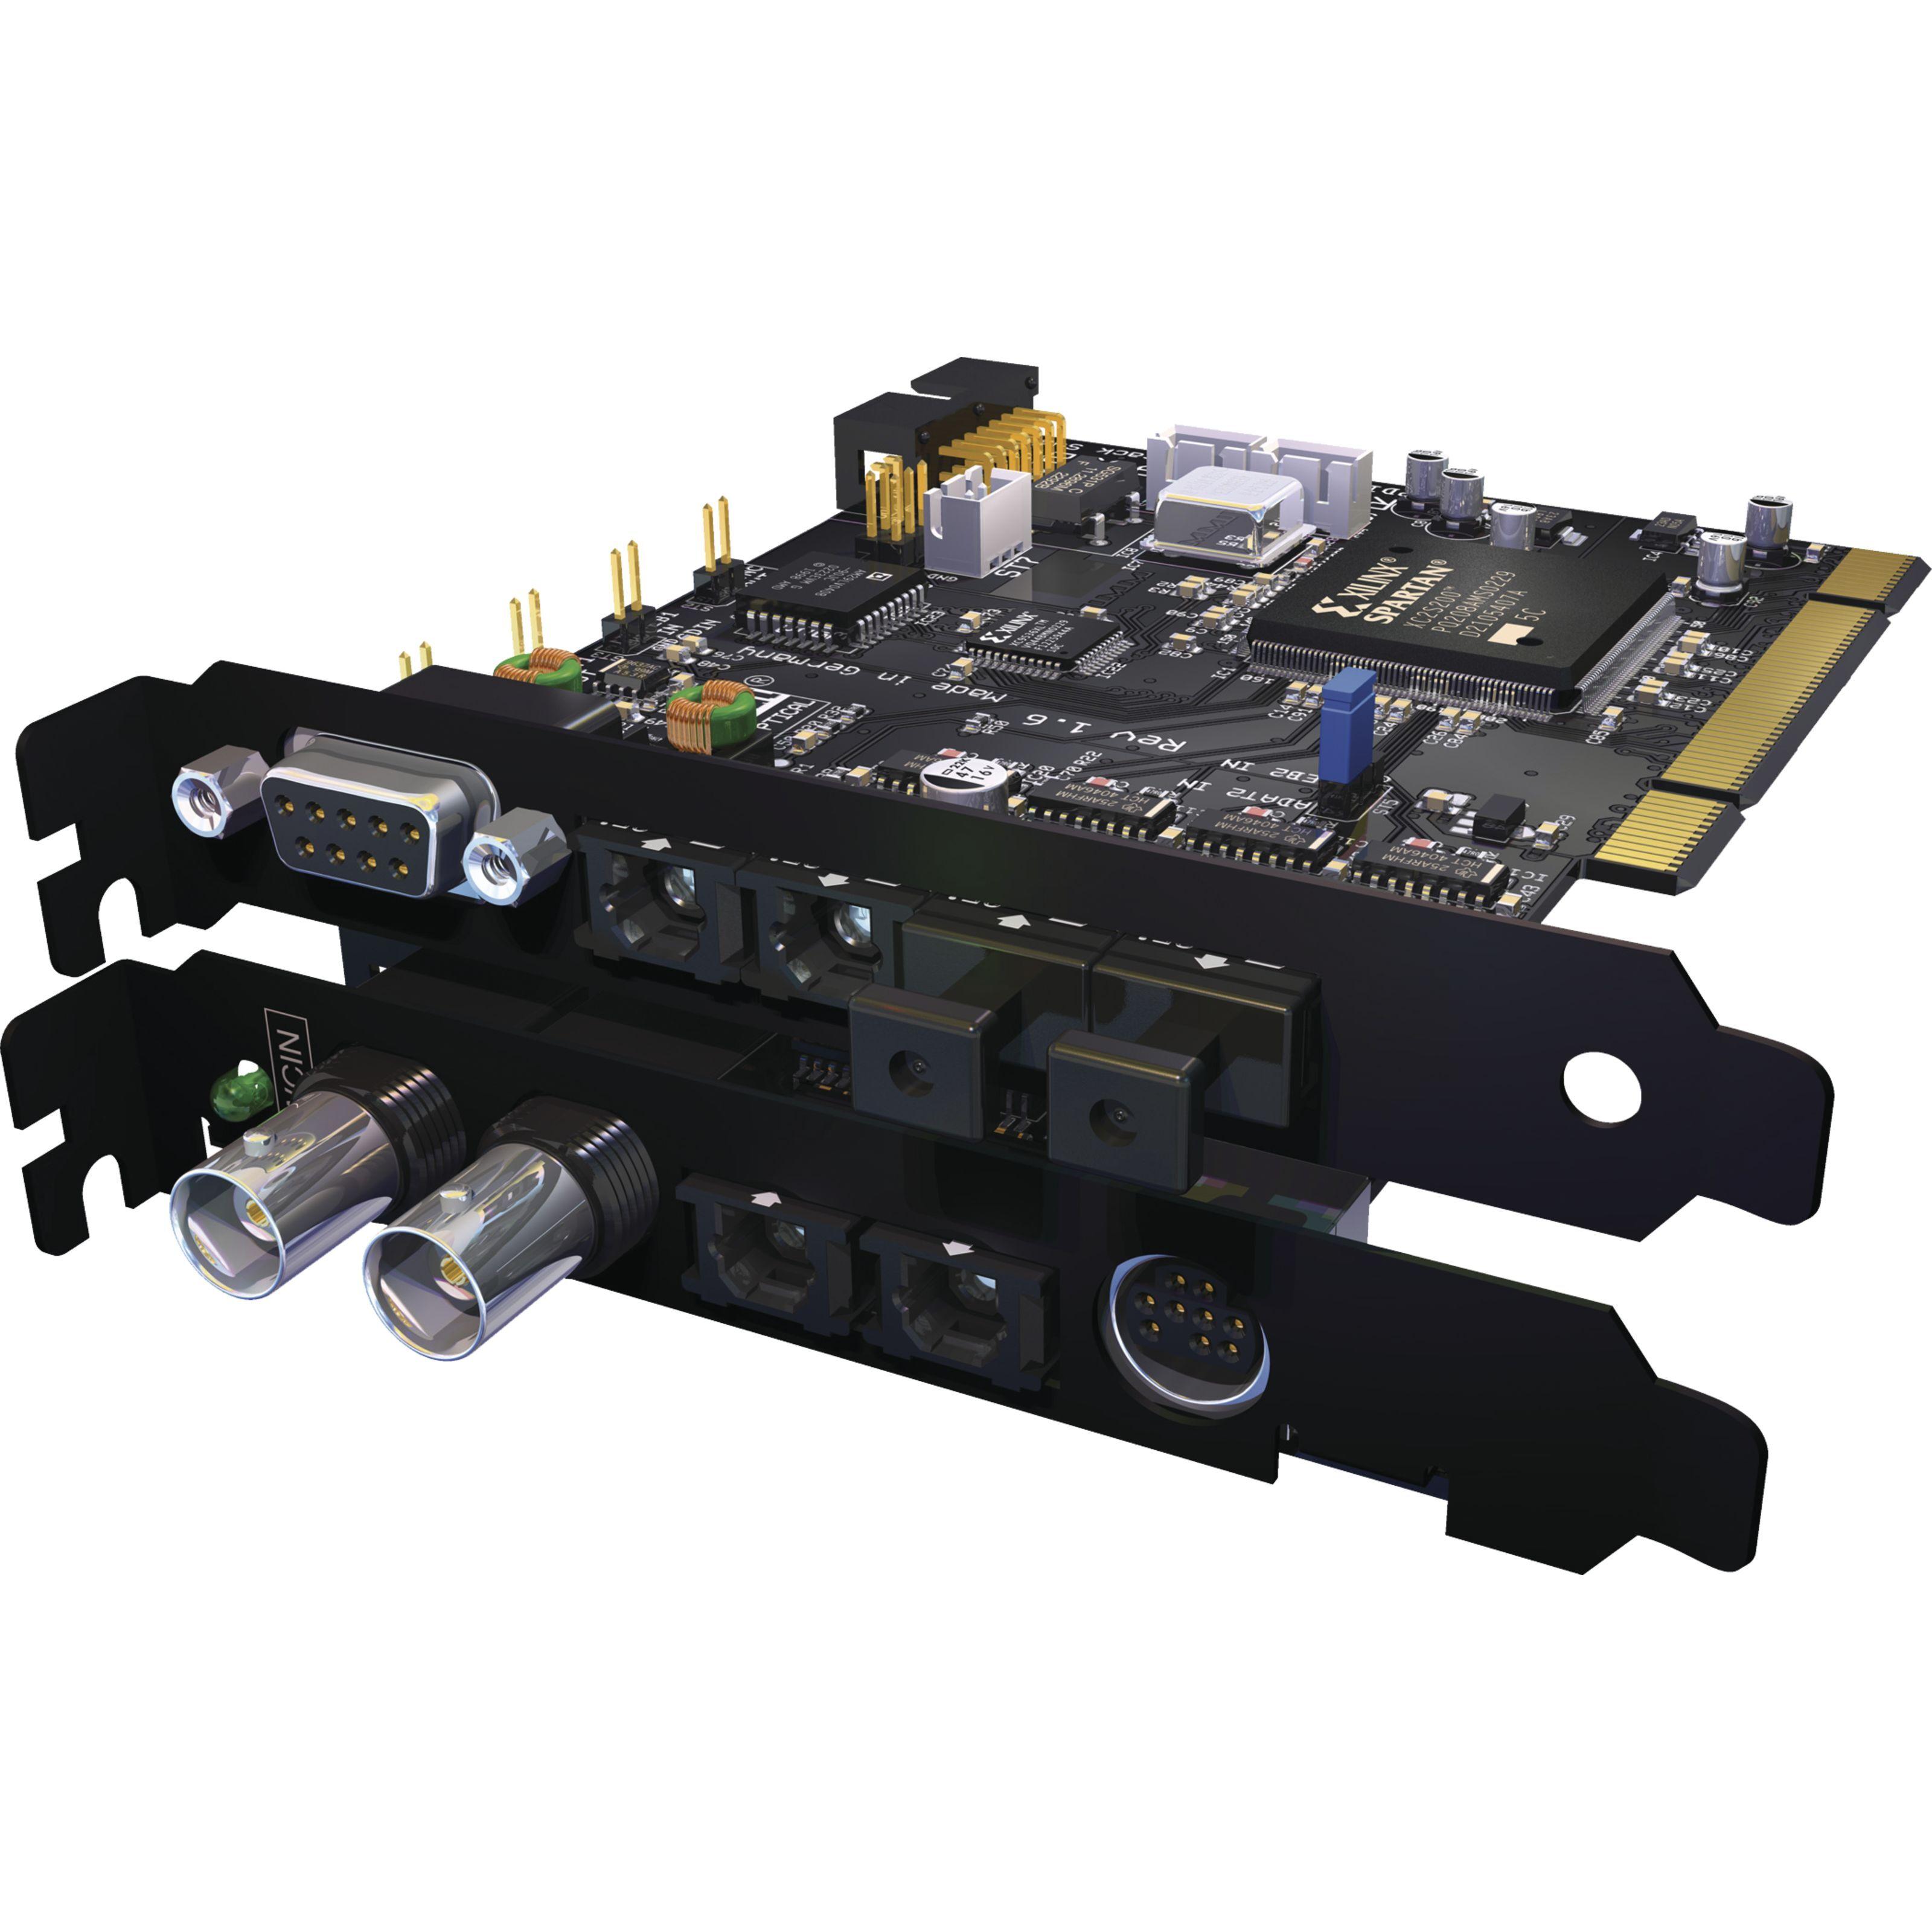 RME HDSP 9652 3x ADAT, SPDIF, MIDI